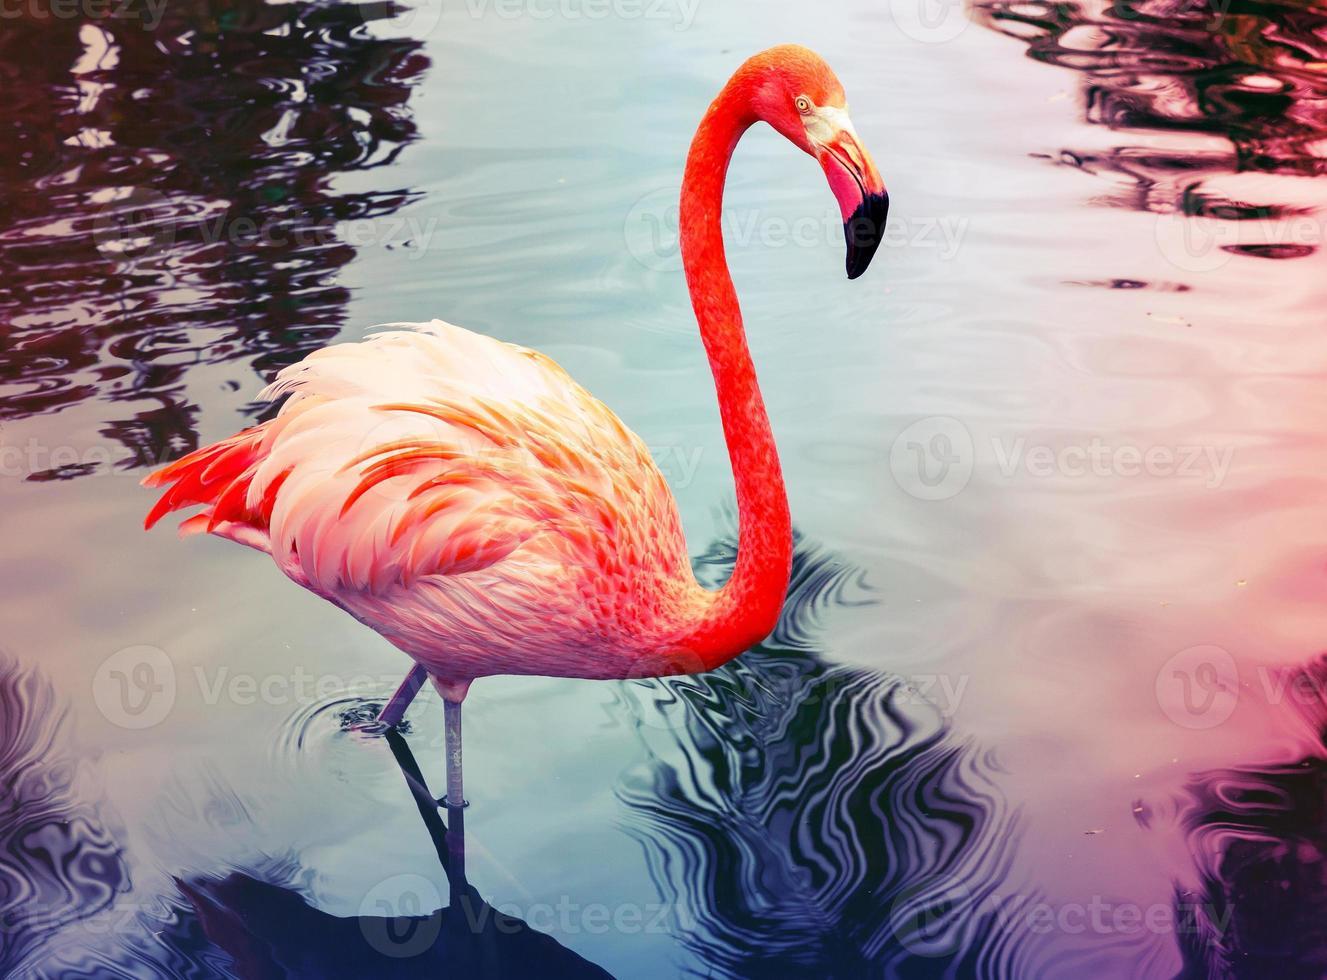 rosa flamingo går i vattnet med reflektioner foto